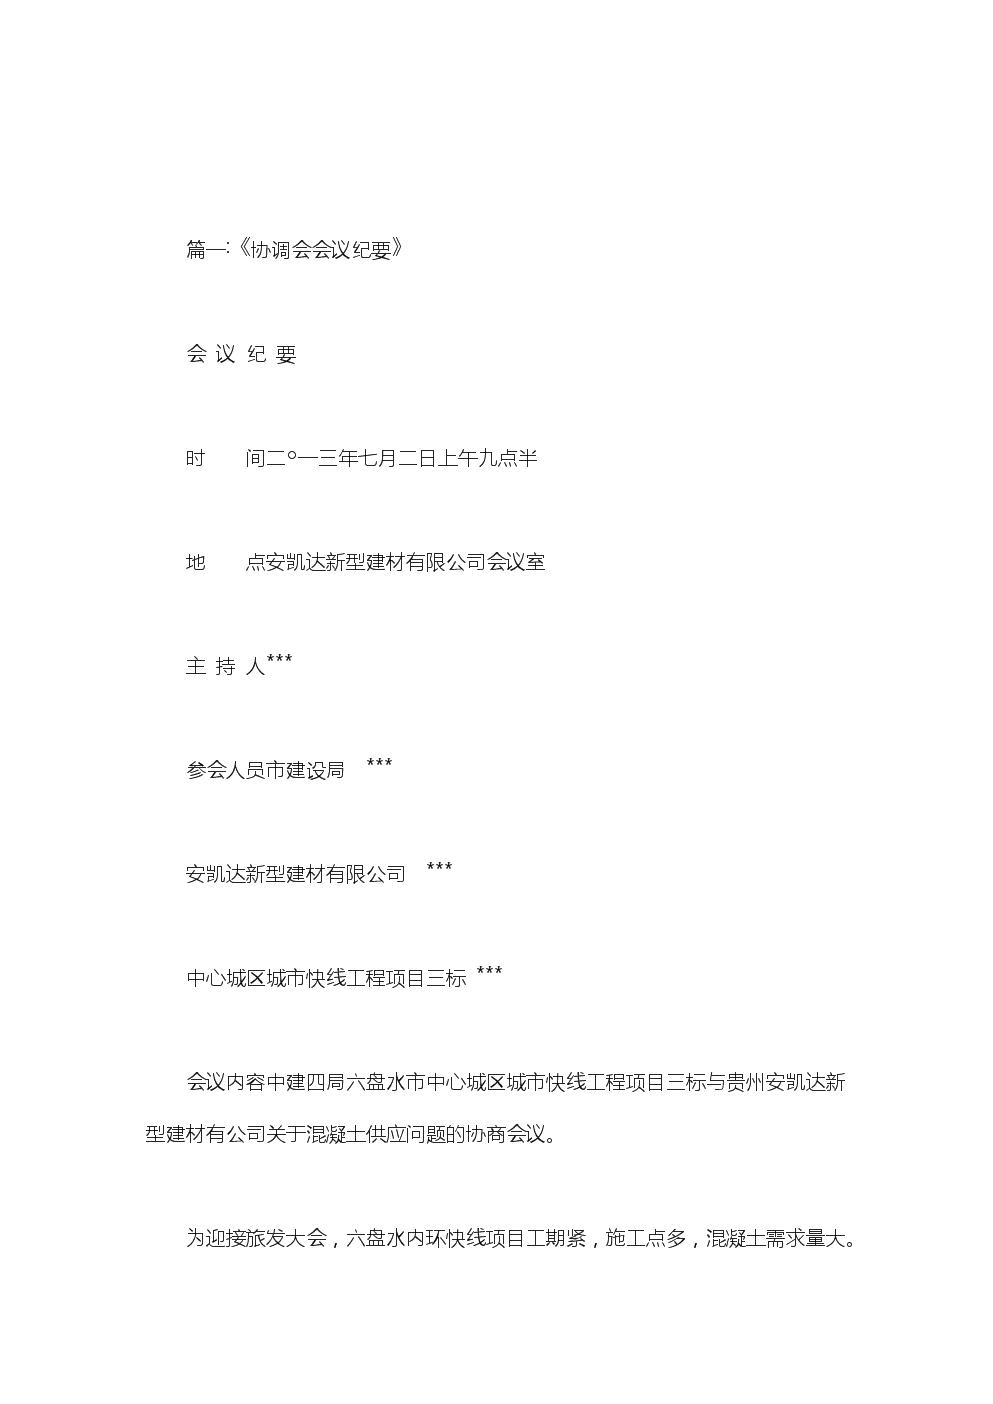 协调会会议纪要范文范文.doc